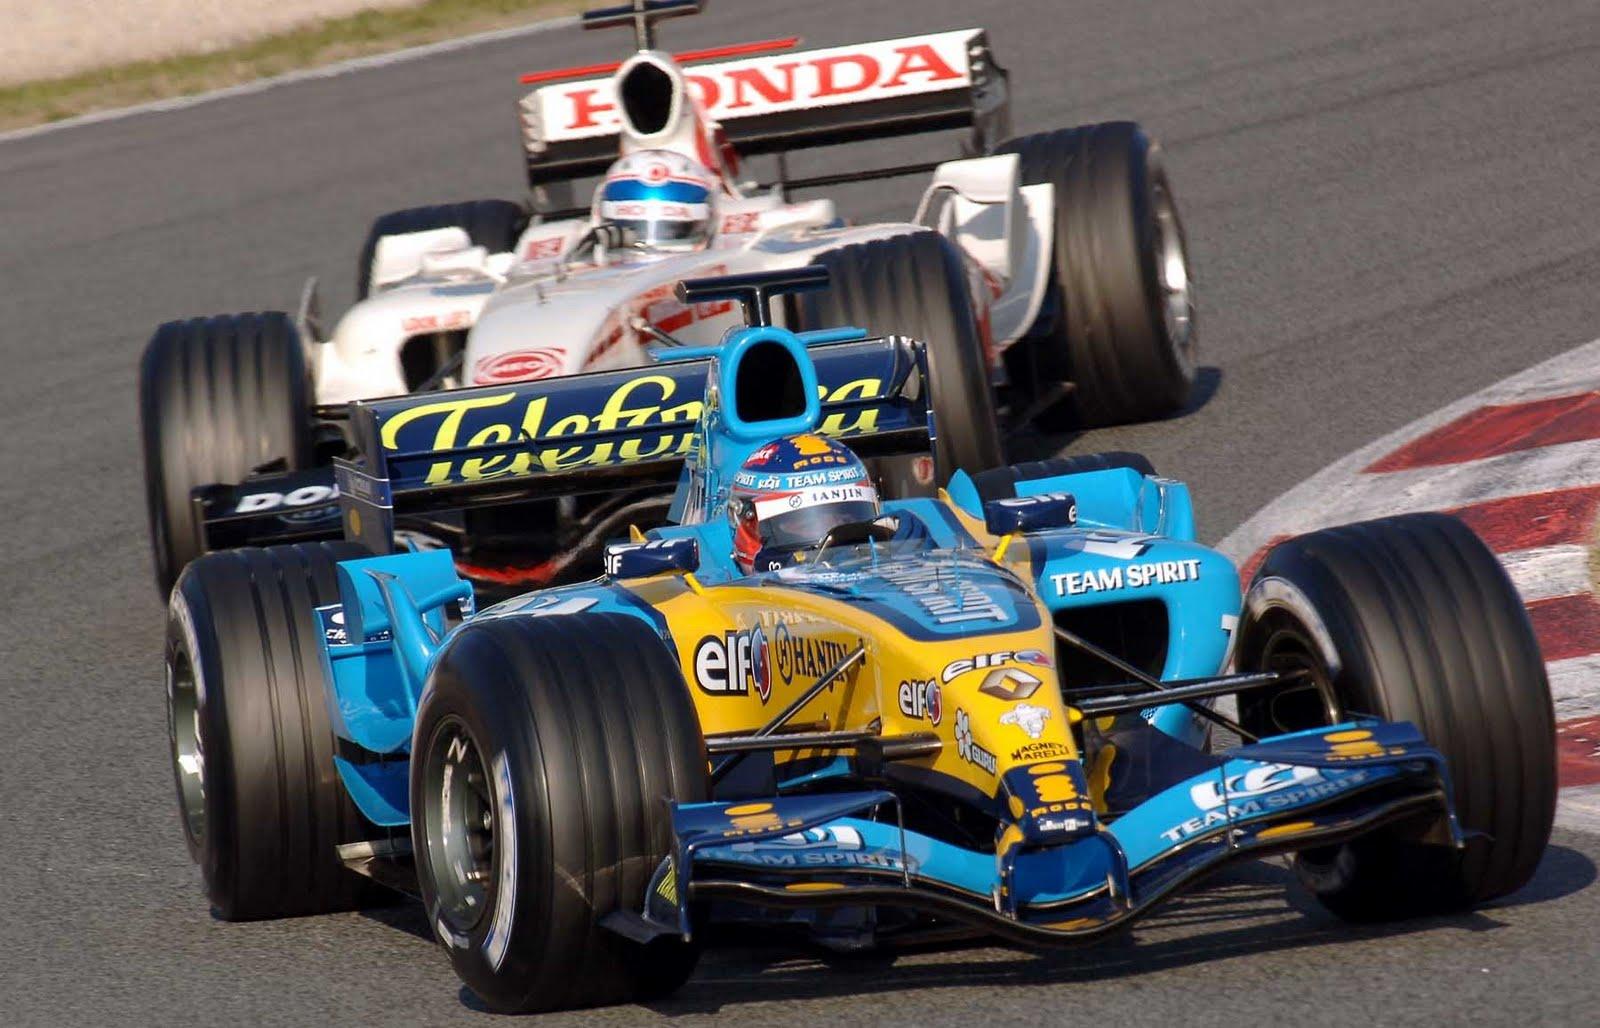 Renault F1, equipe histórica de Formula 1 de 2005 - by blogsportbrasil.blogspot.com